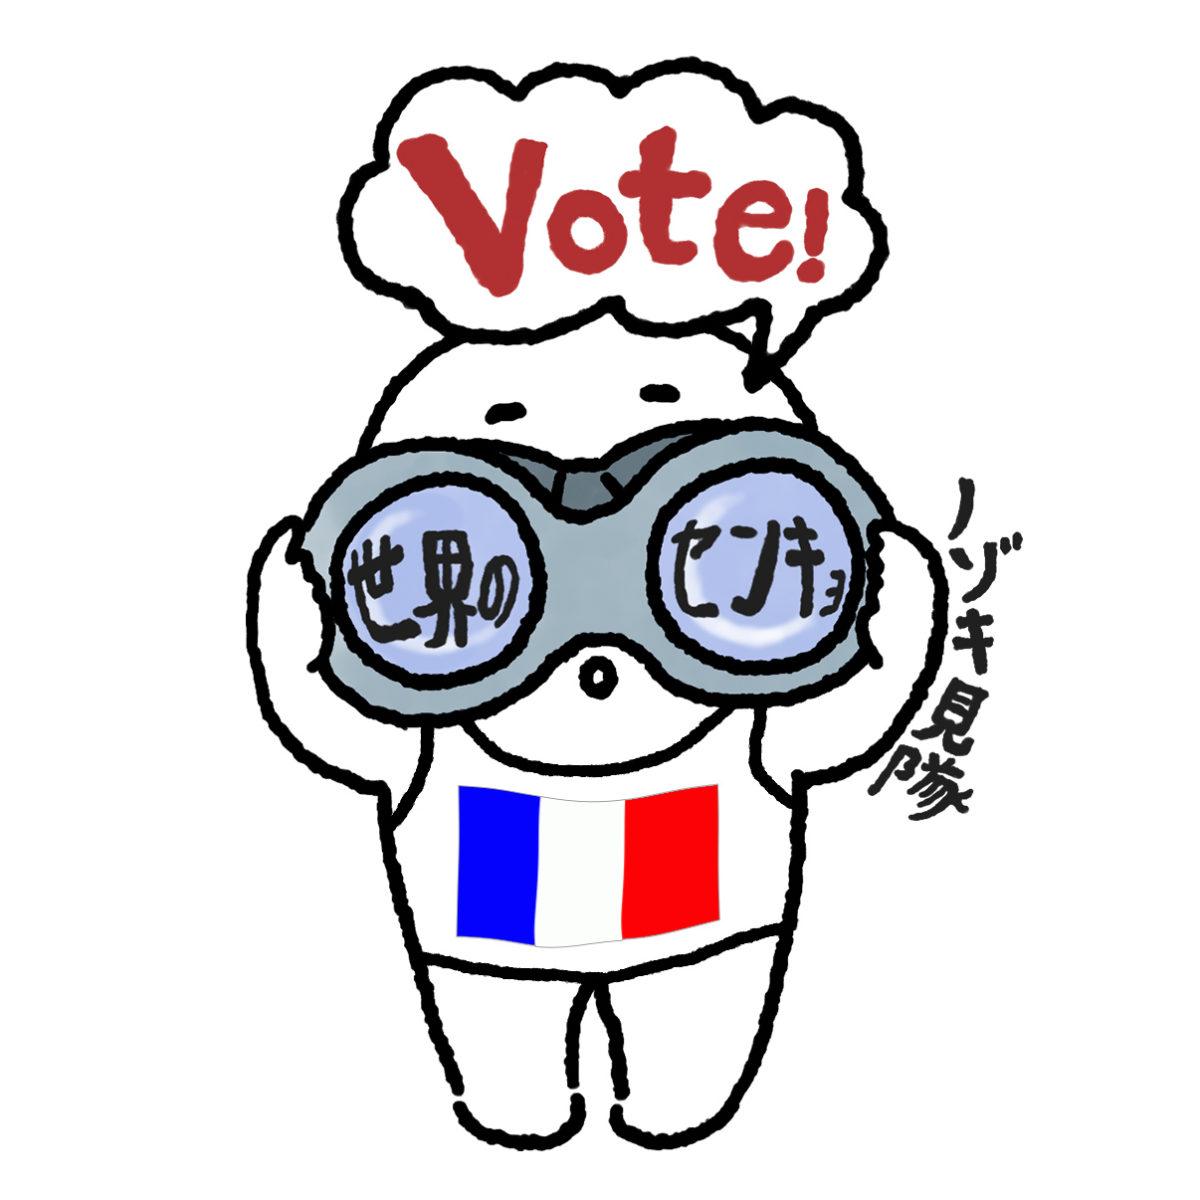 世界の選挙をのぞき見隊フランス編タイトル